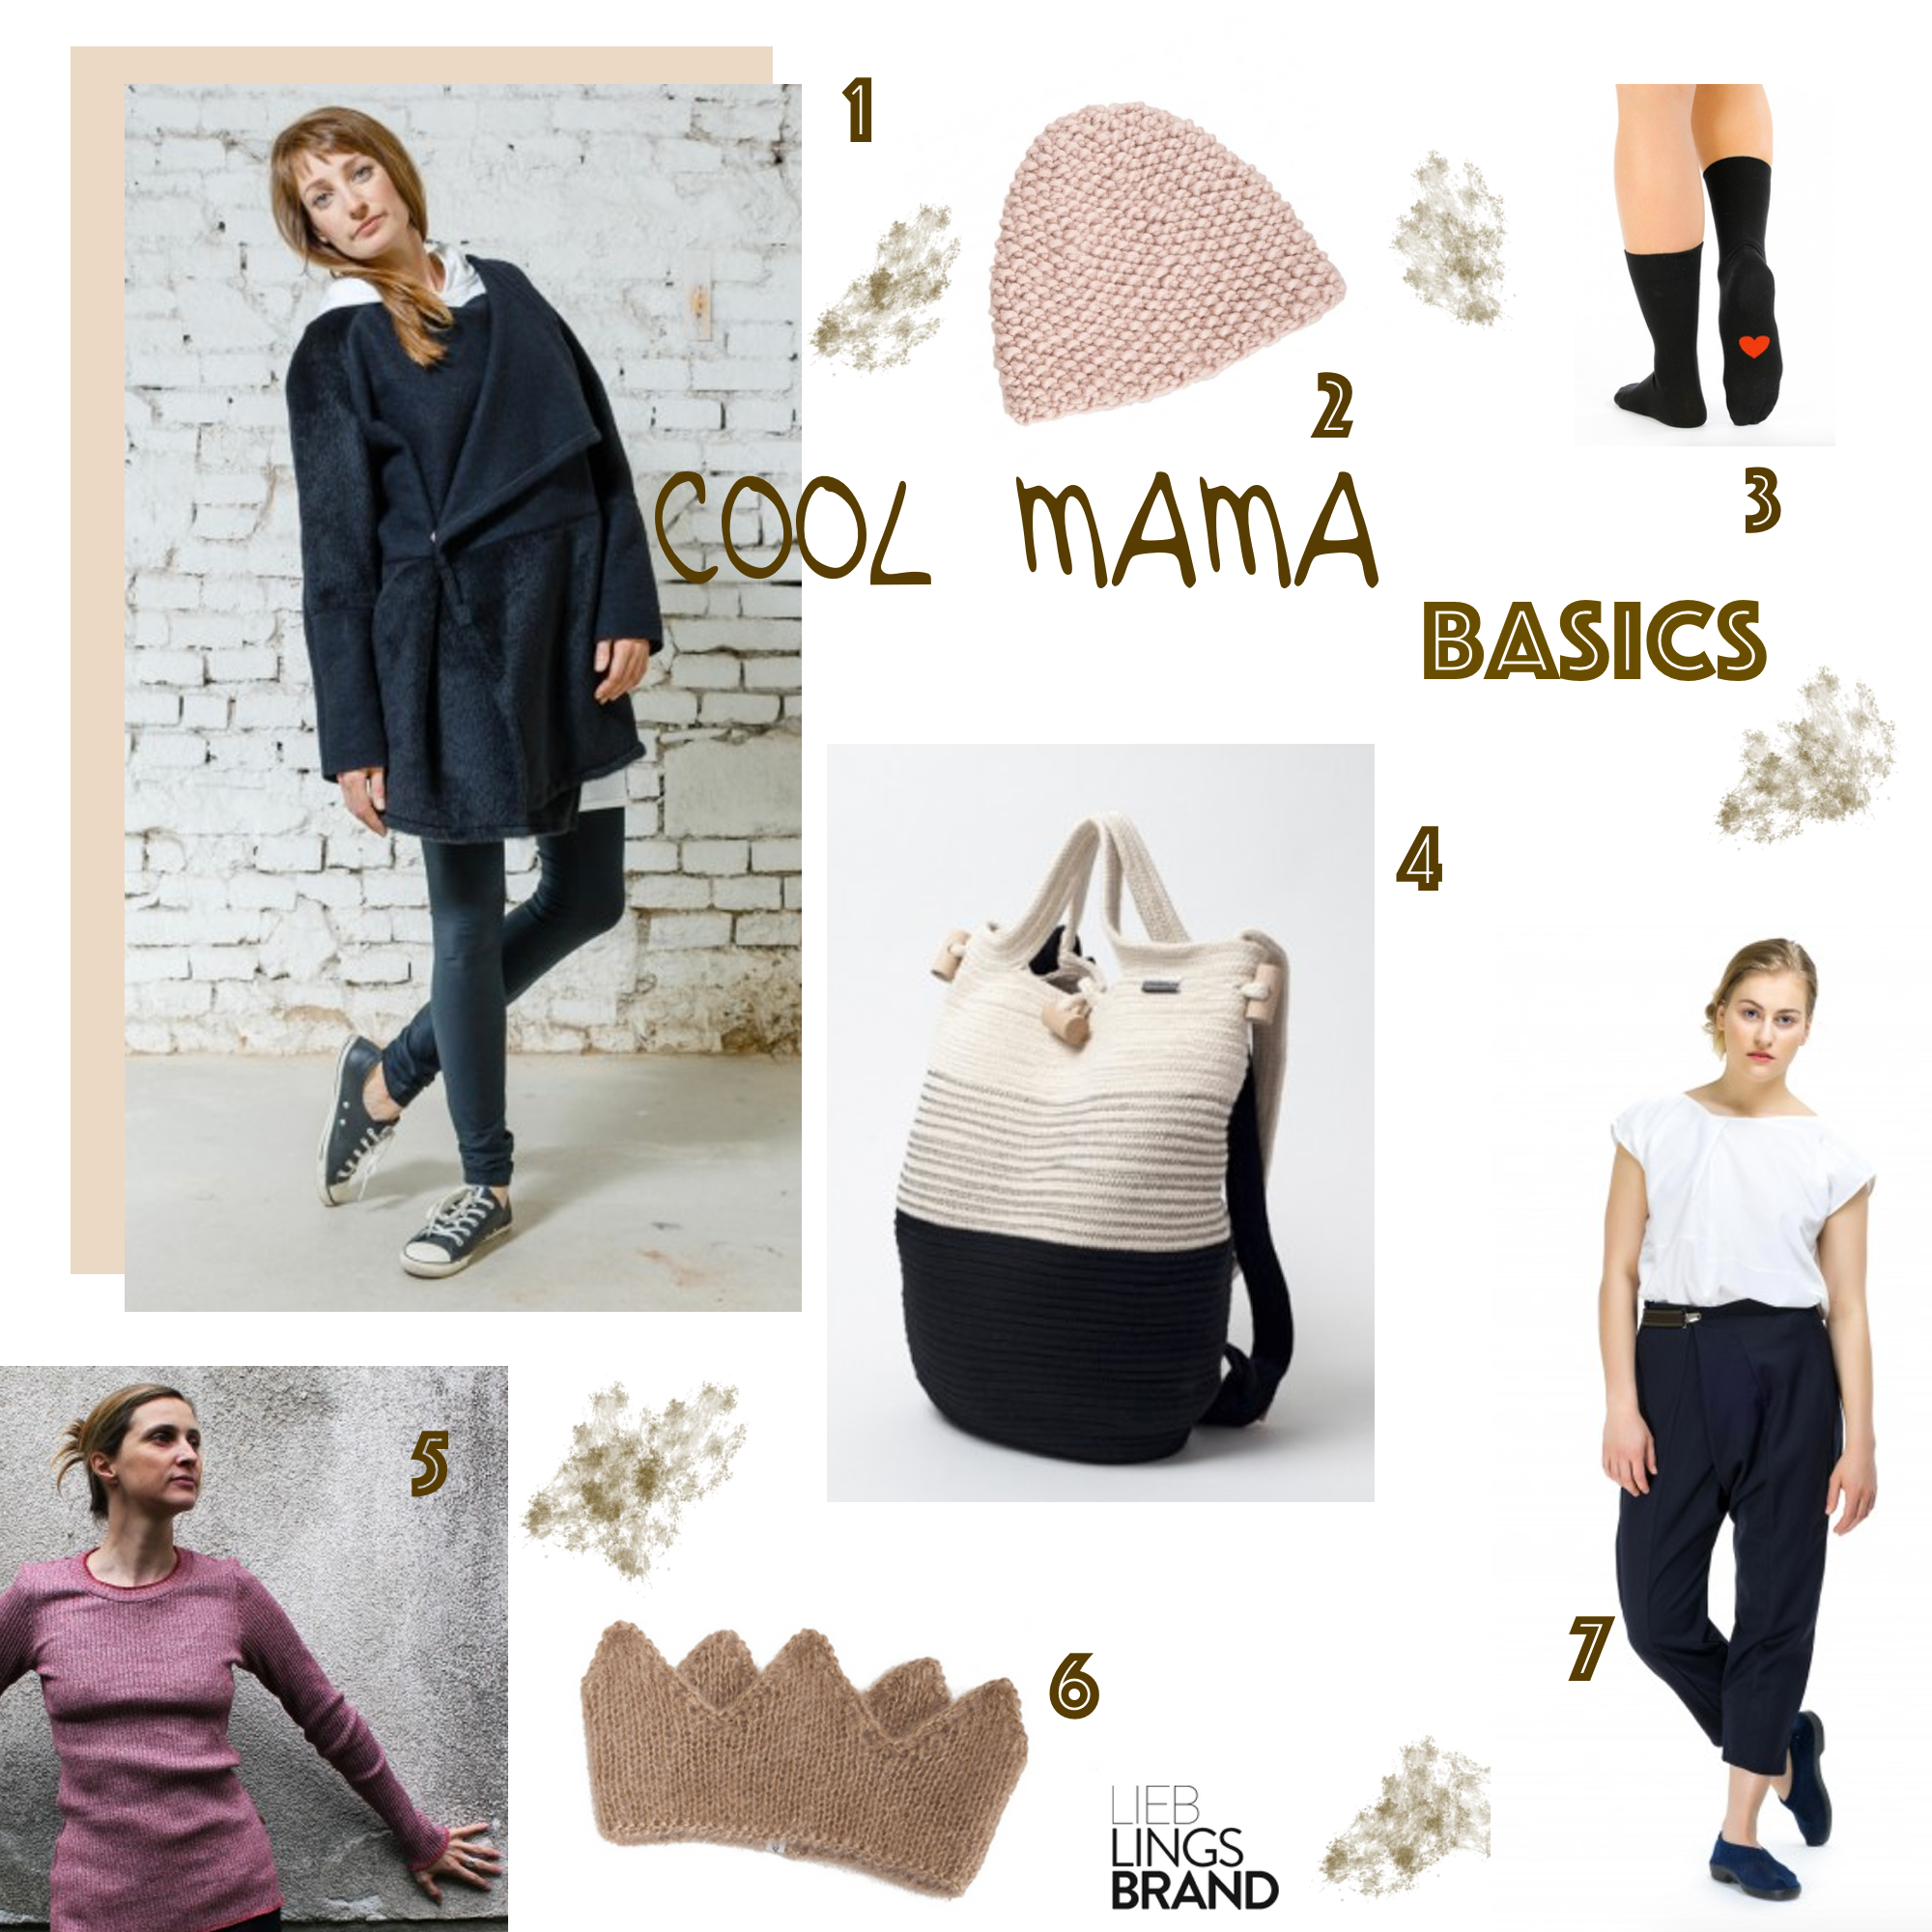 lieblingsbrand-collage-mama Kopie